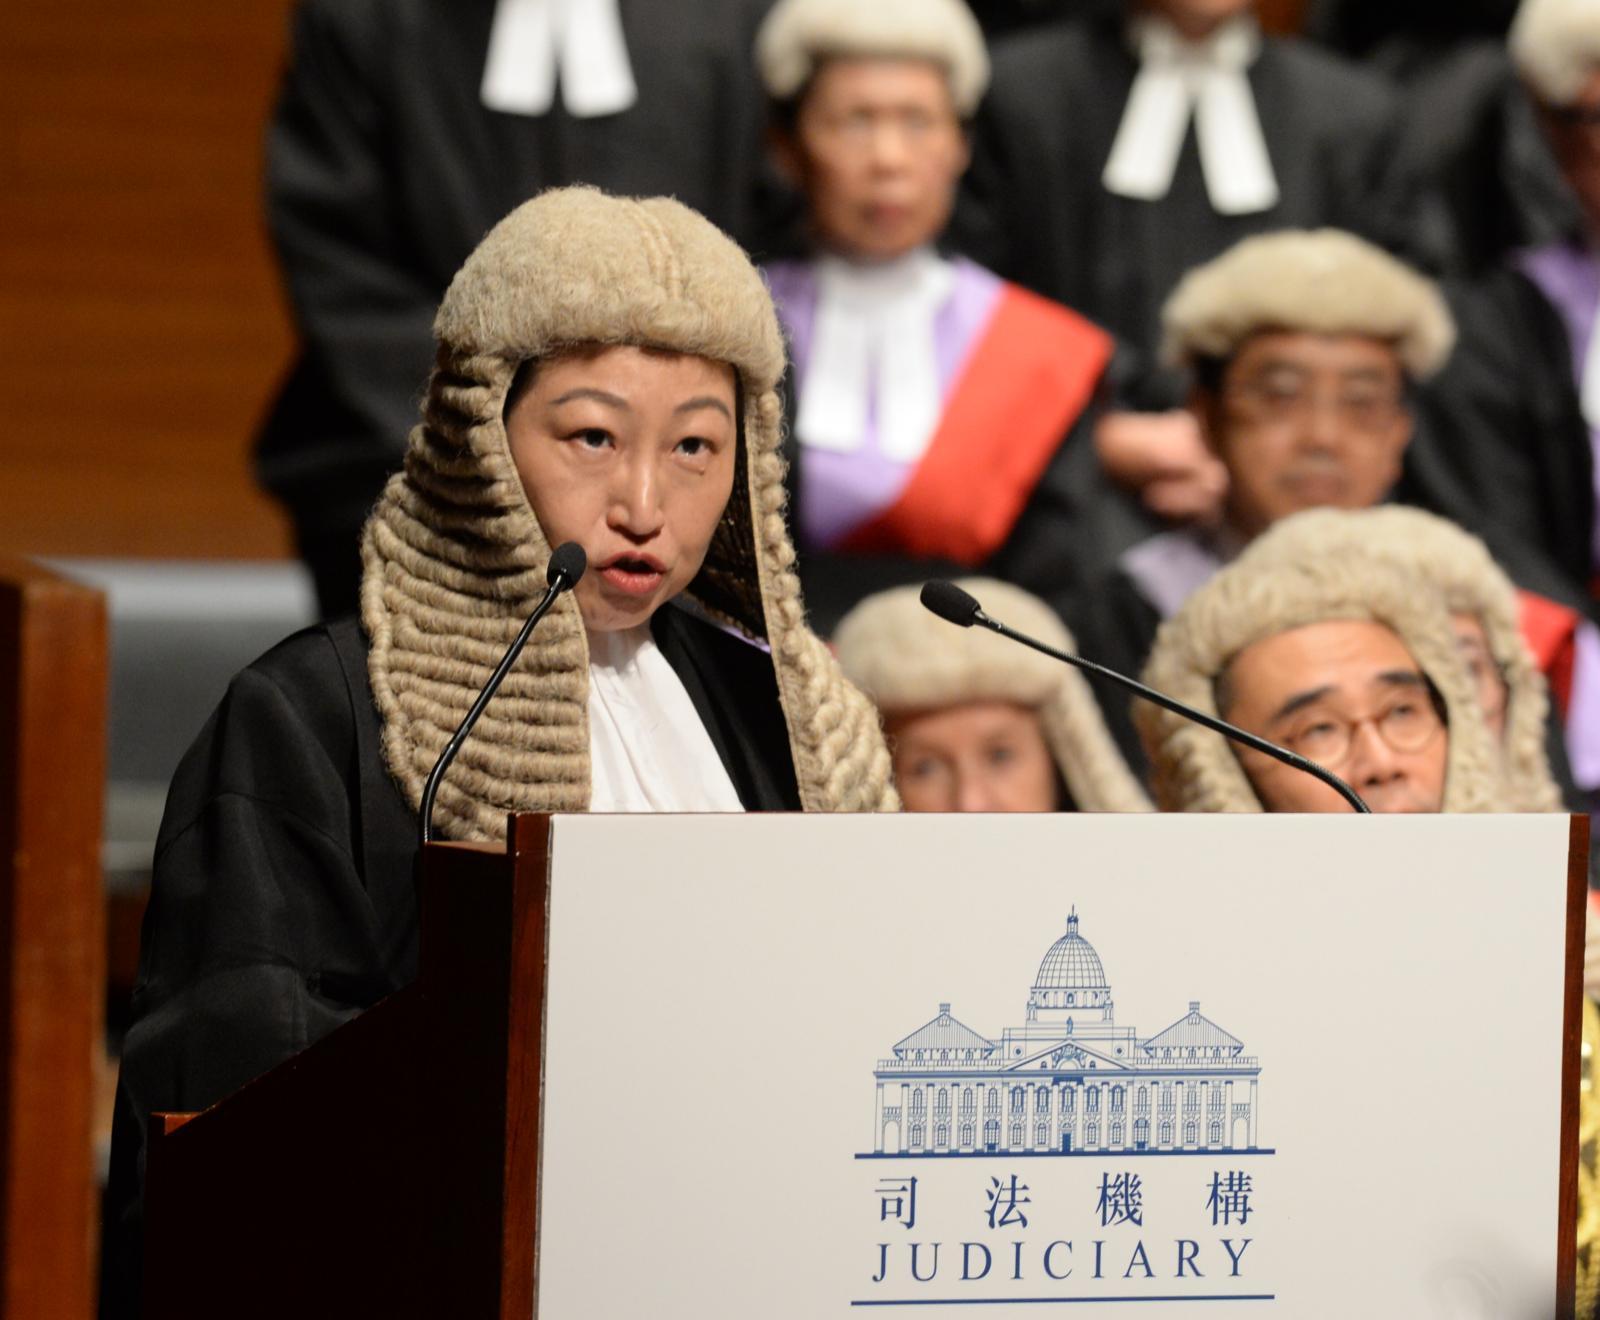 郑若骅:不能容忍无理肆意抨击、甚至恶意中伤某些法官。